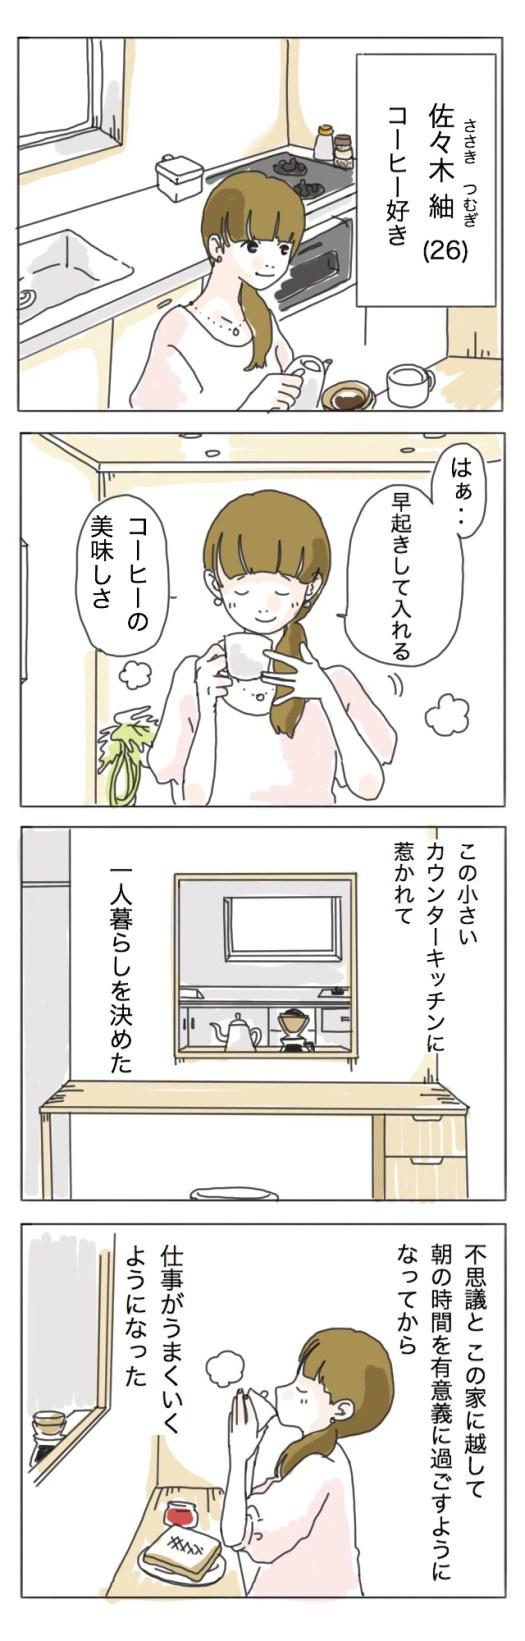 【奥田けい連載】マンガ・一人暮らしの彼女たち ‐コーヒー編-